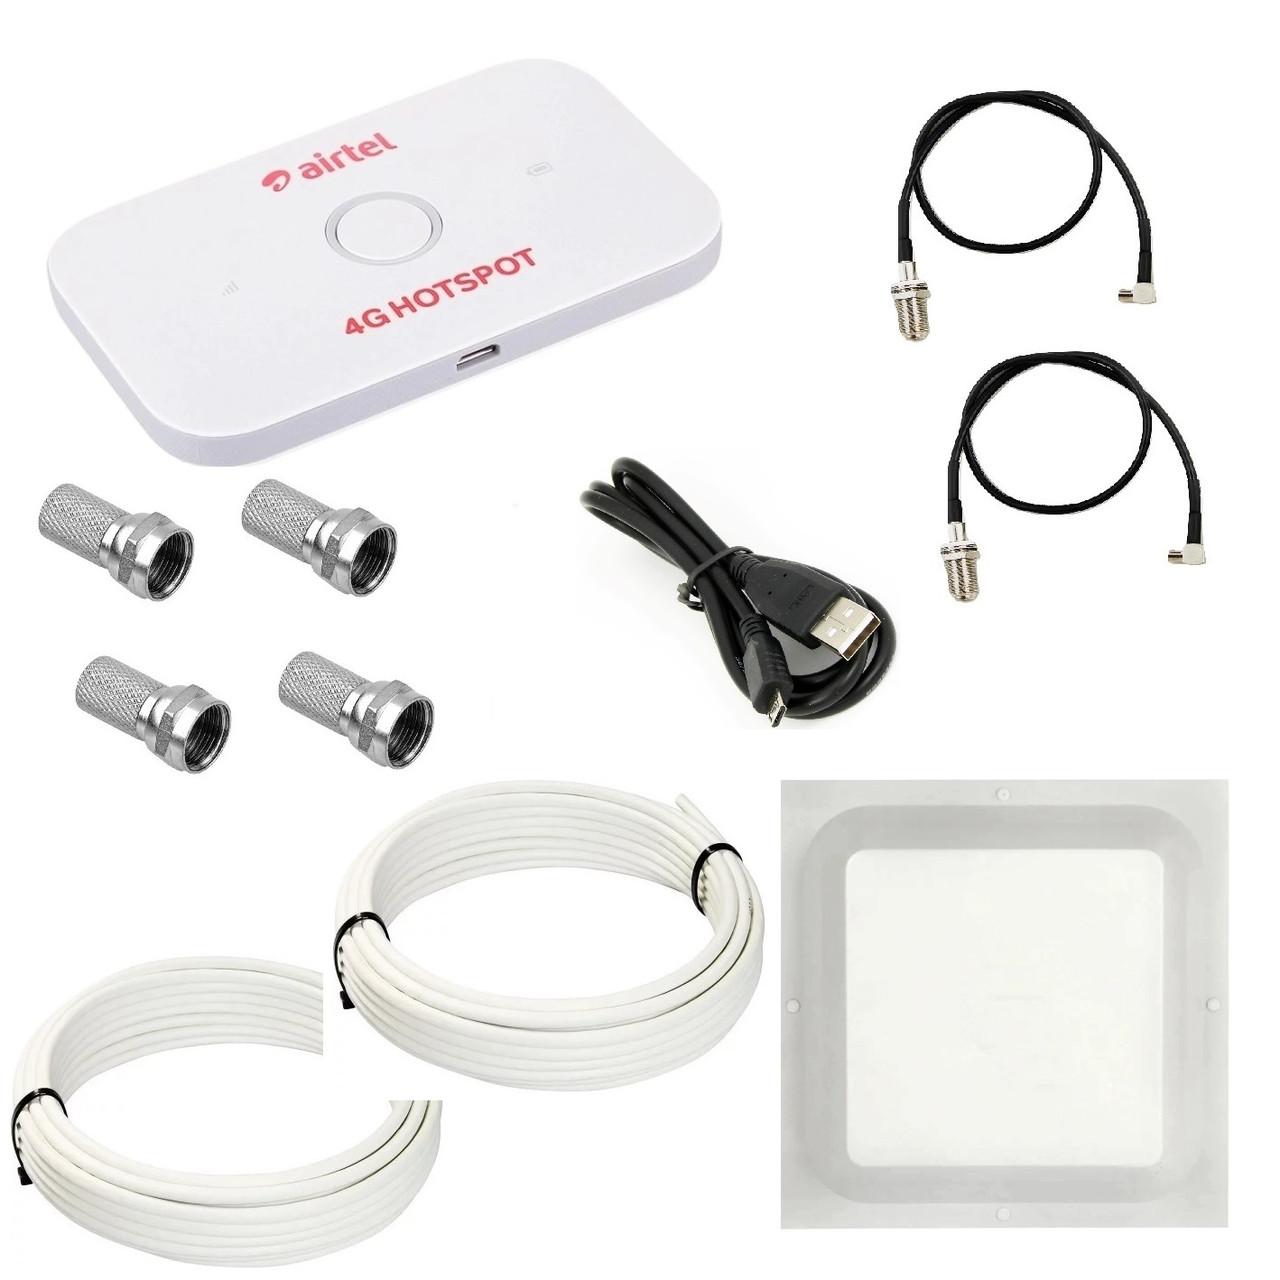 Комплект WiFi роутер 3G/4G Huawei E5573Cs-609 с антенной MIMO 2x17 дБи